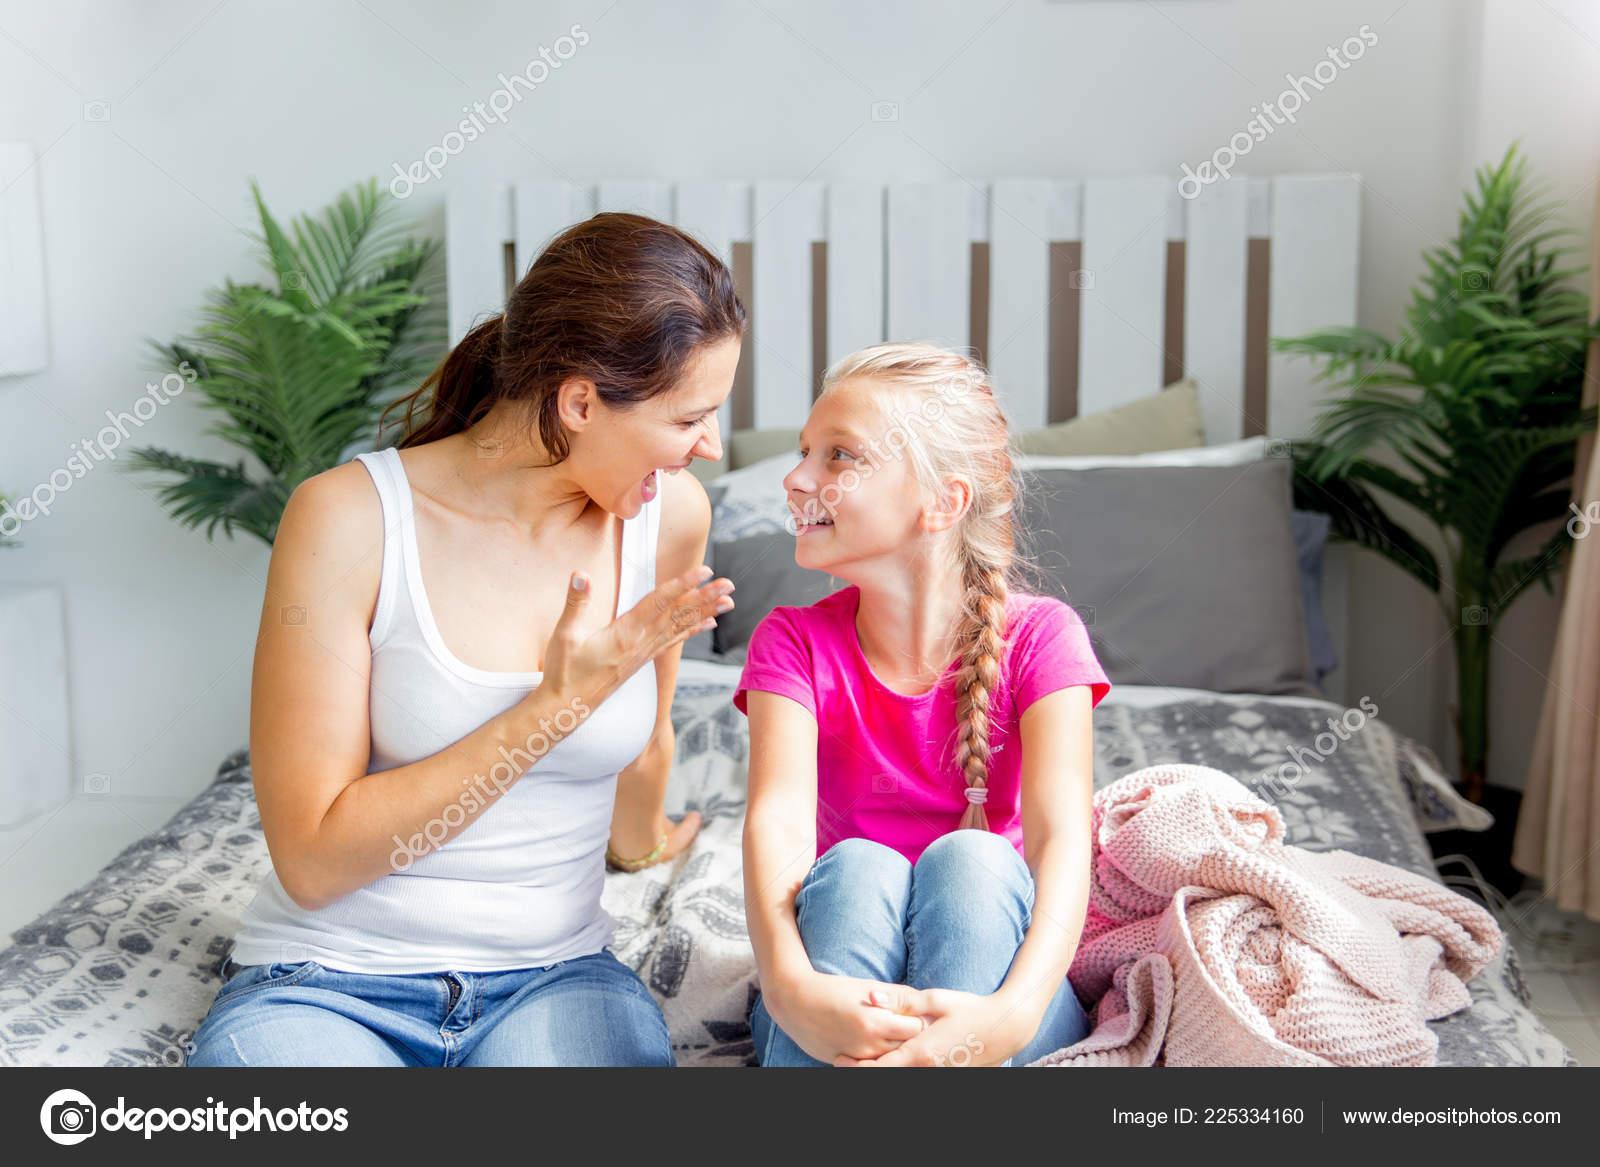 Трахает мать и кончает внутрь, Кончил в маму порно видео, кончил в мамку, маме 23 фотография